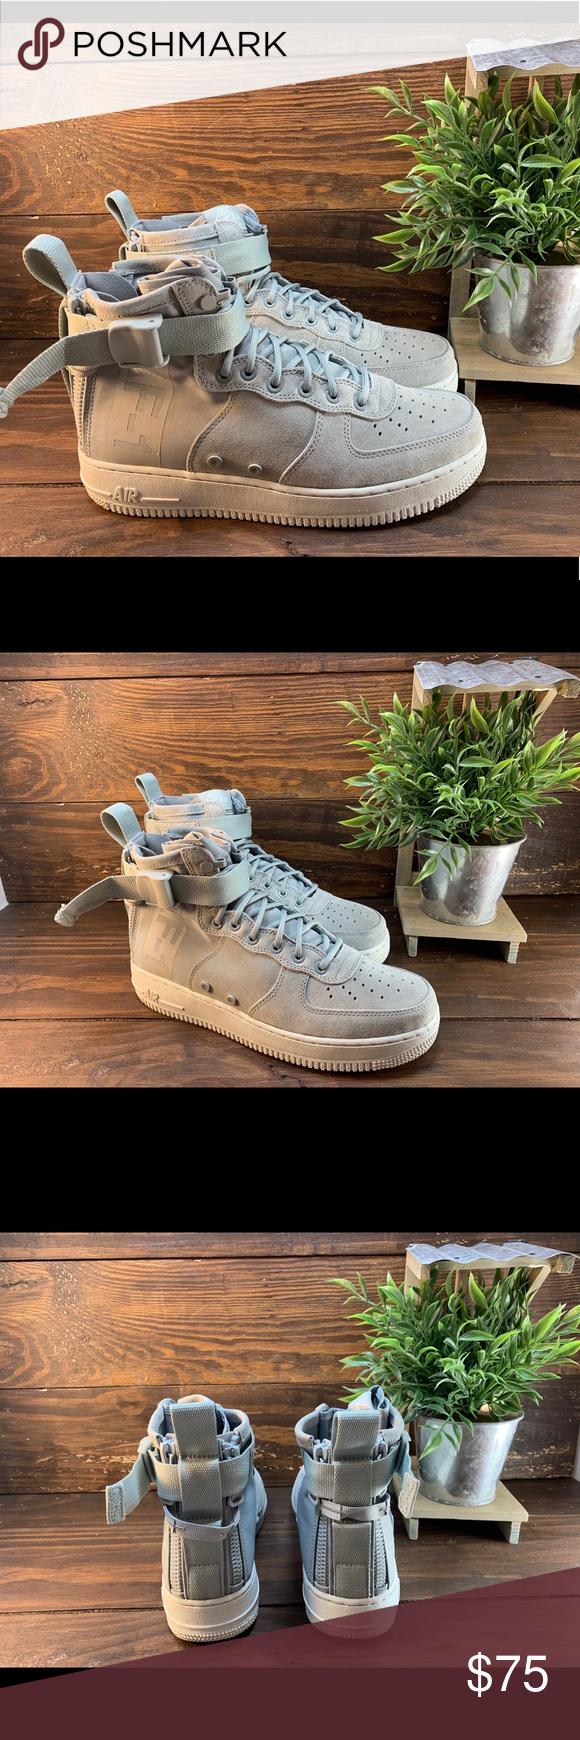 NEW! Nike Air Force 1 AF1 Neutral Olive Green Gum Bottom Camo 596728 202 SZ 7Y